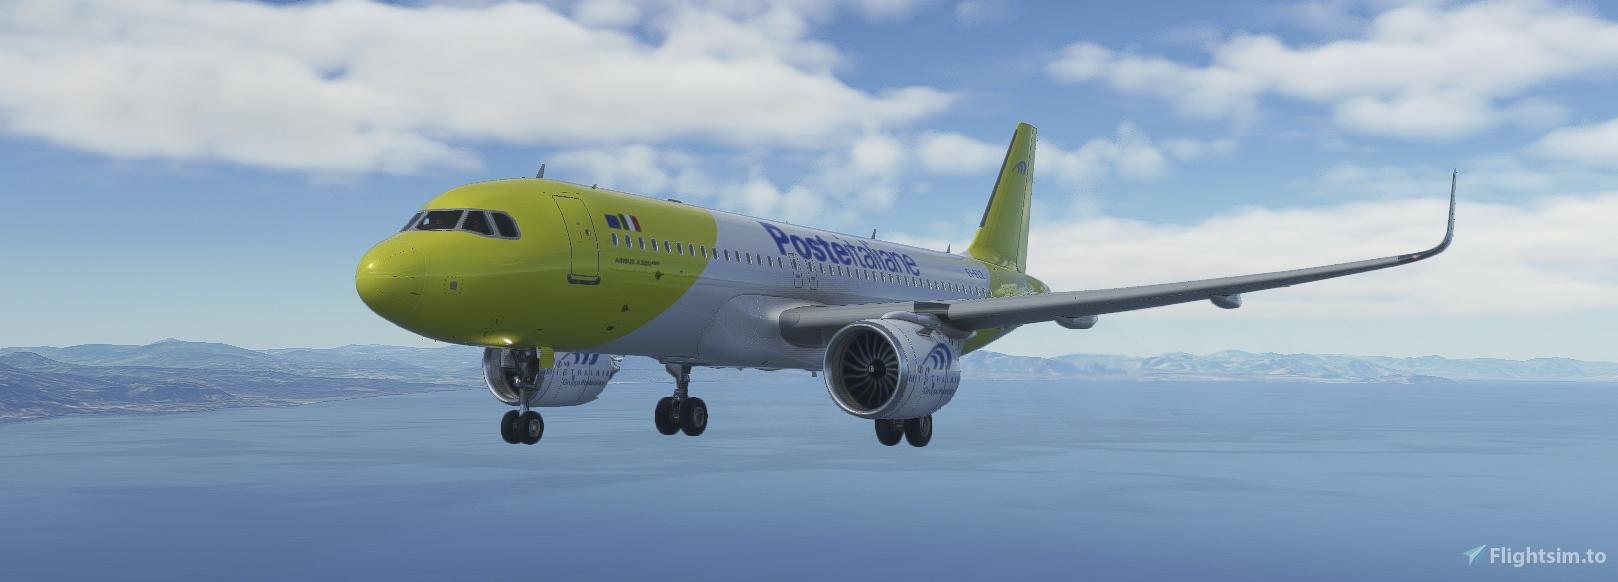 Airbus A320Neo Mistral Air EI-ELZ – Livrea A32NX – 8K